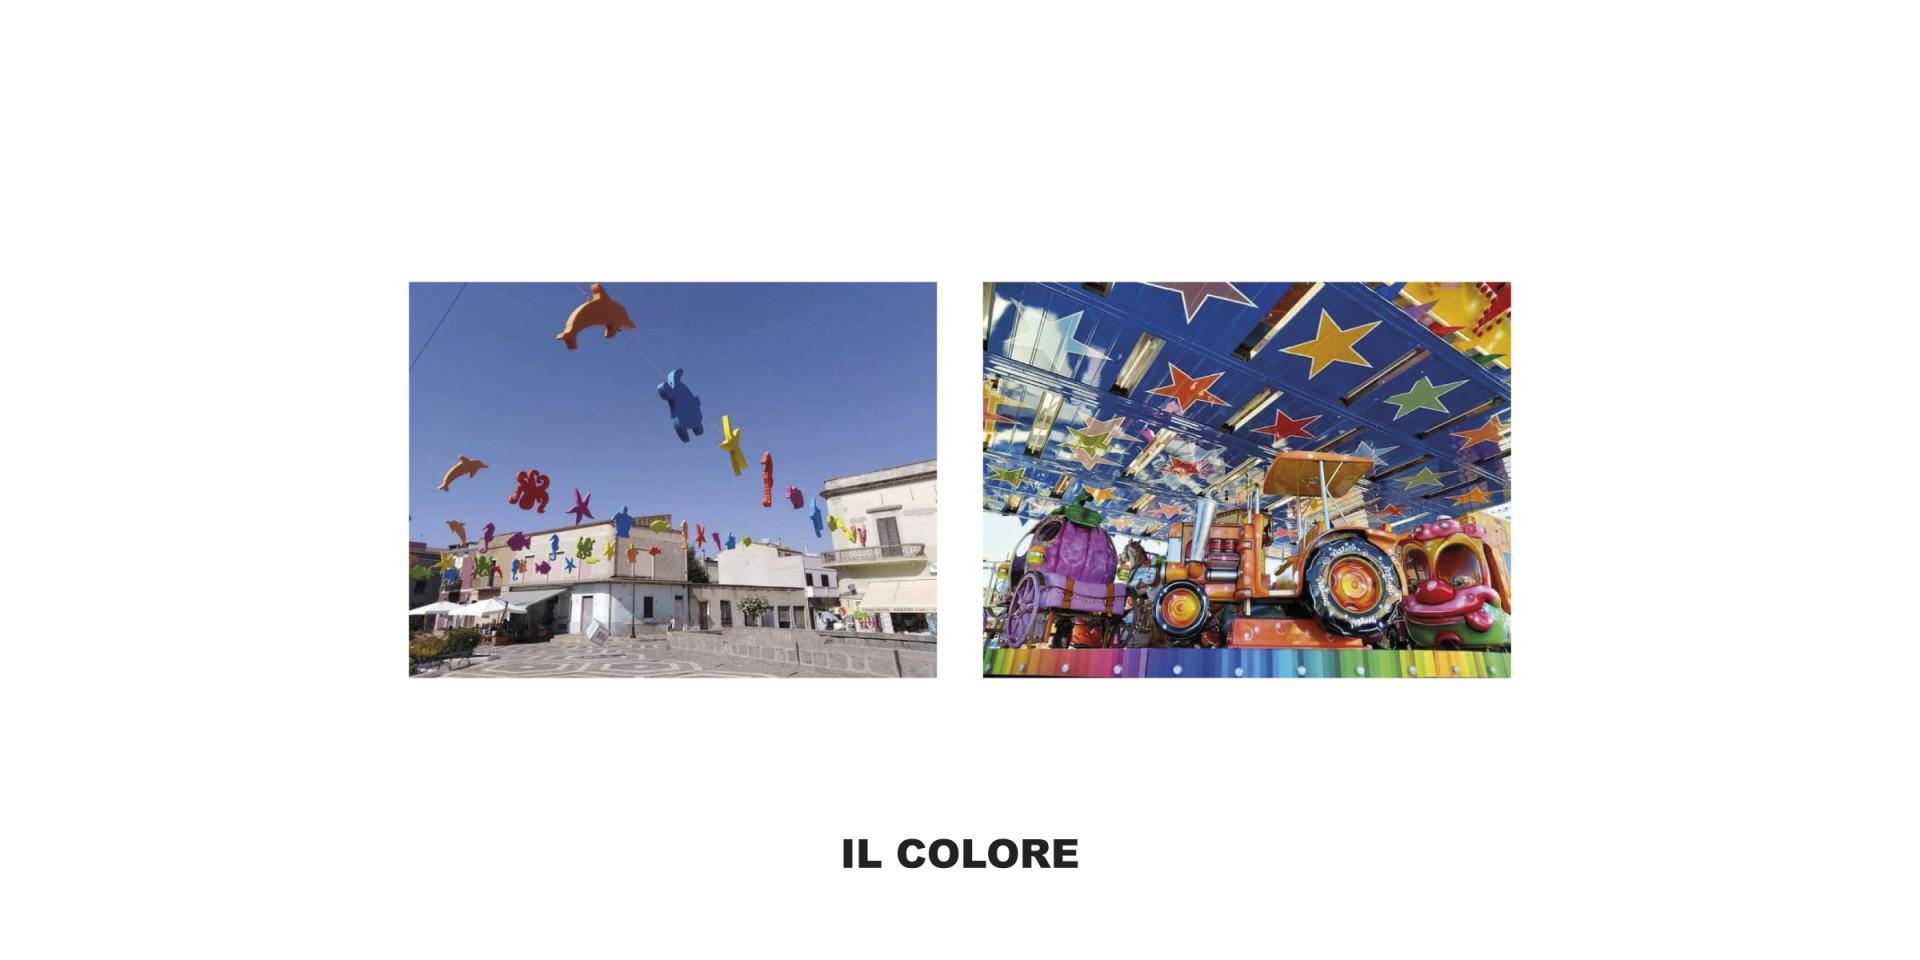 02-slide-il-colore-3.jpg